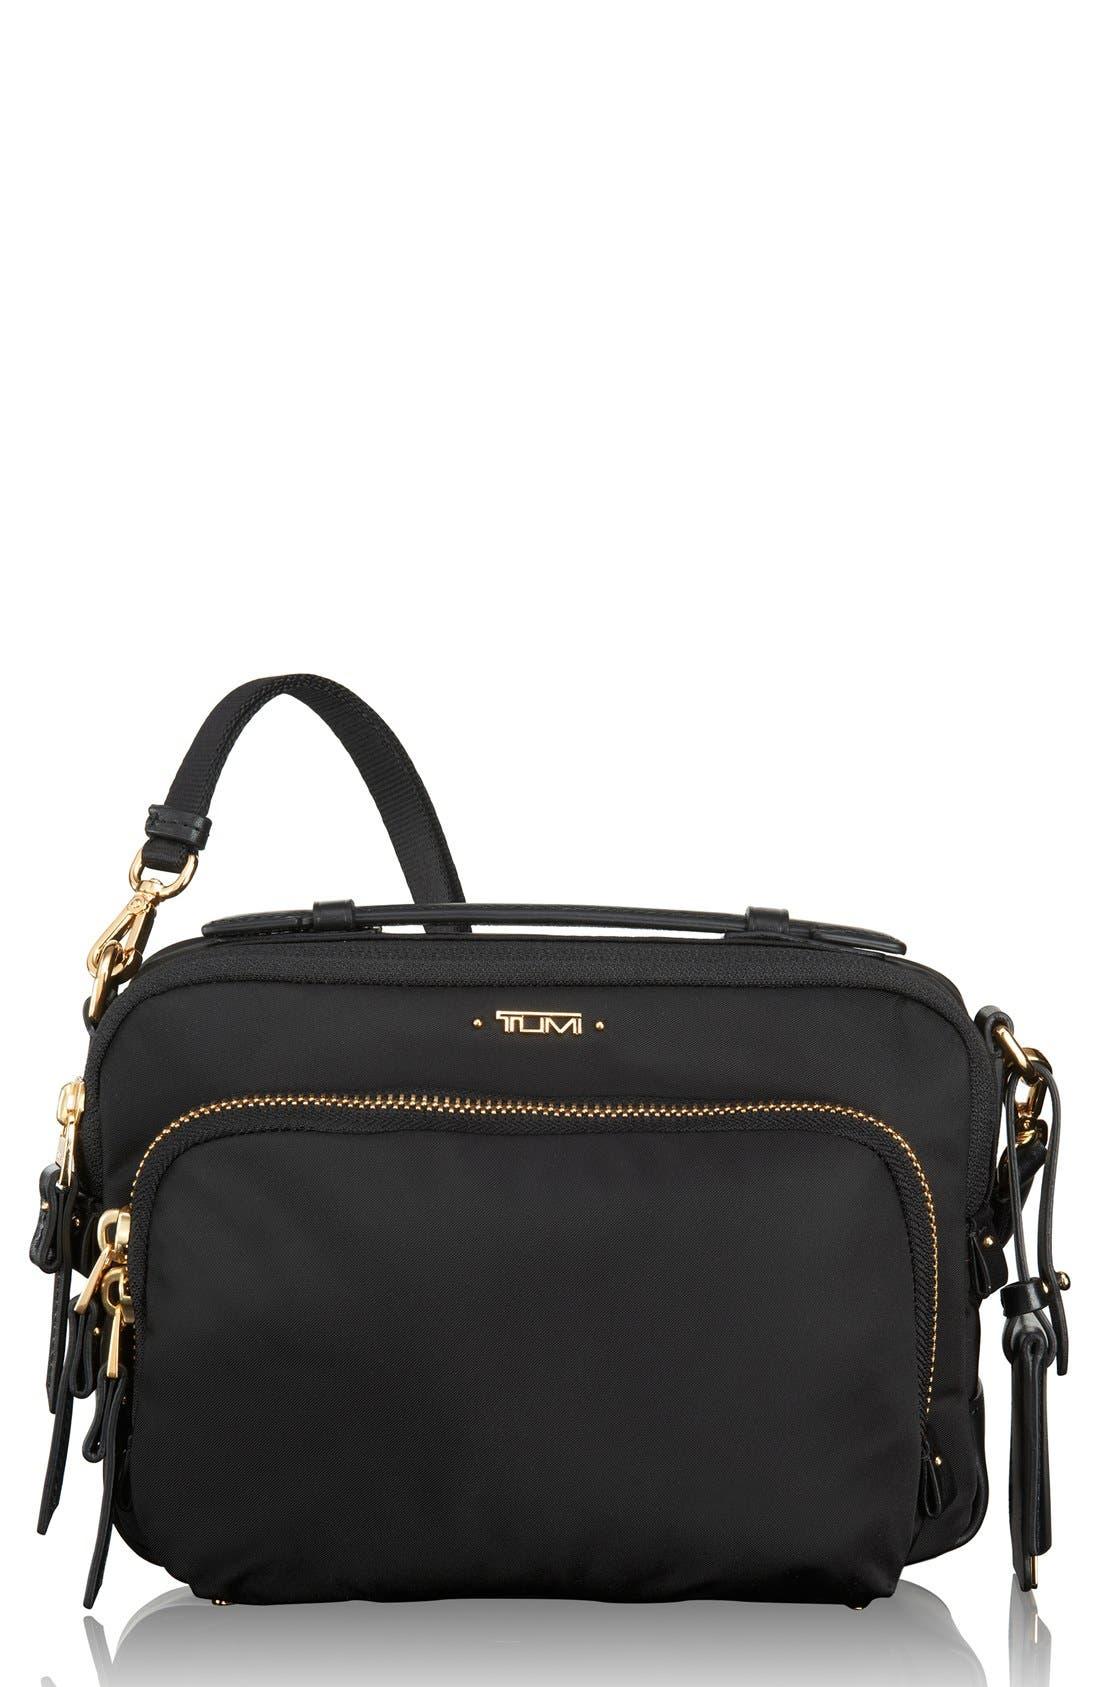 Black dress on sale luggage